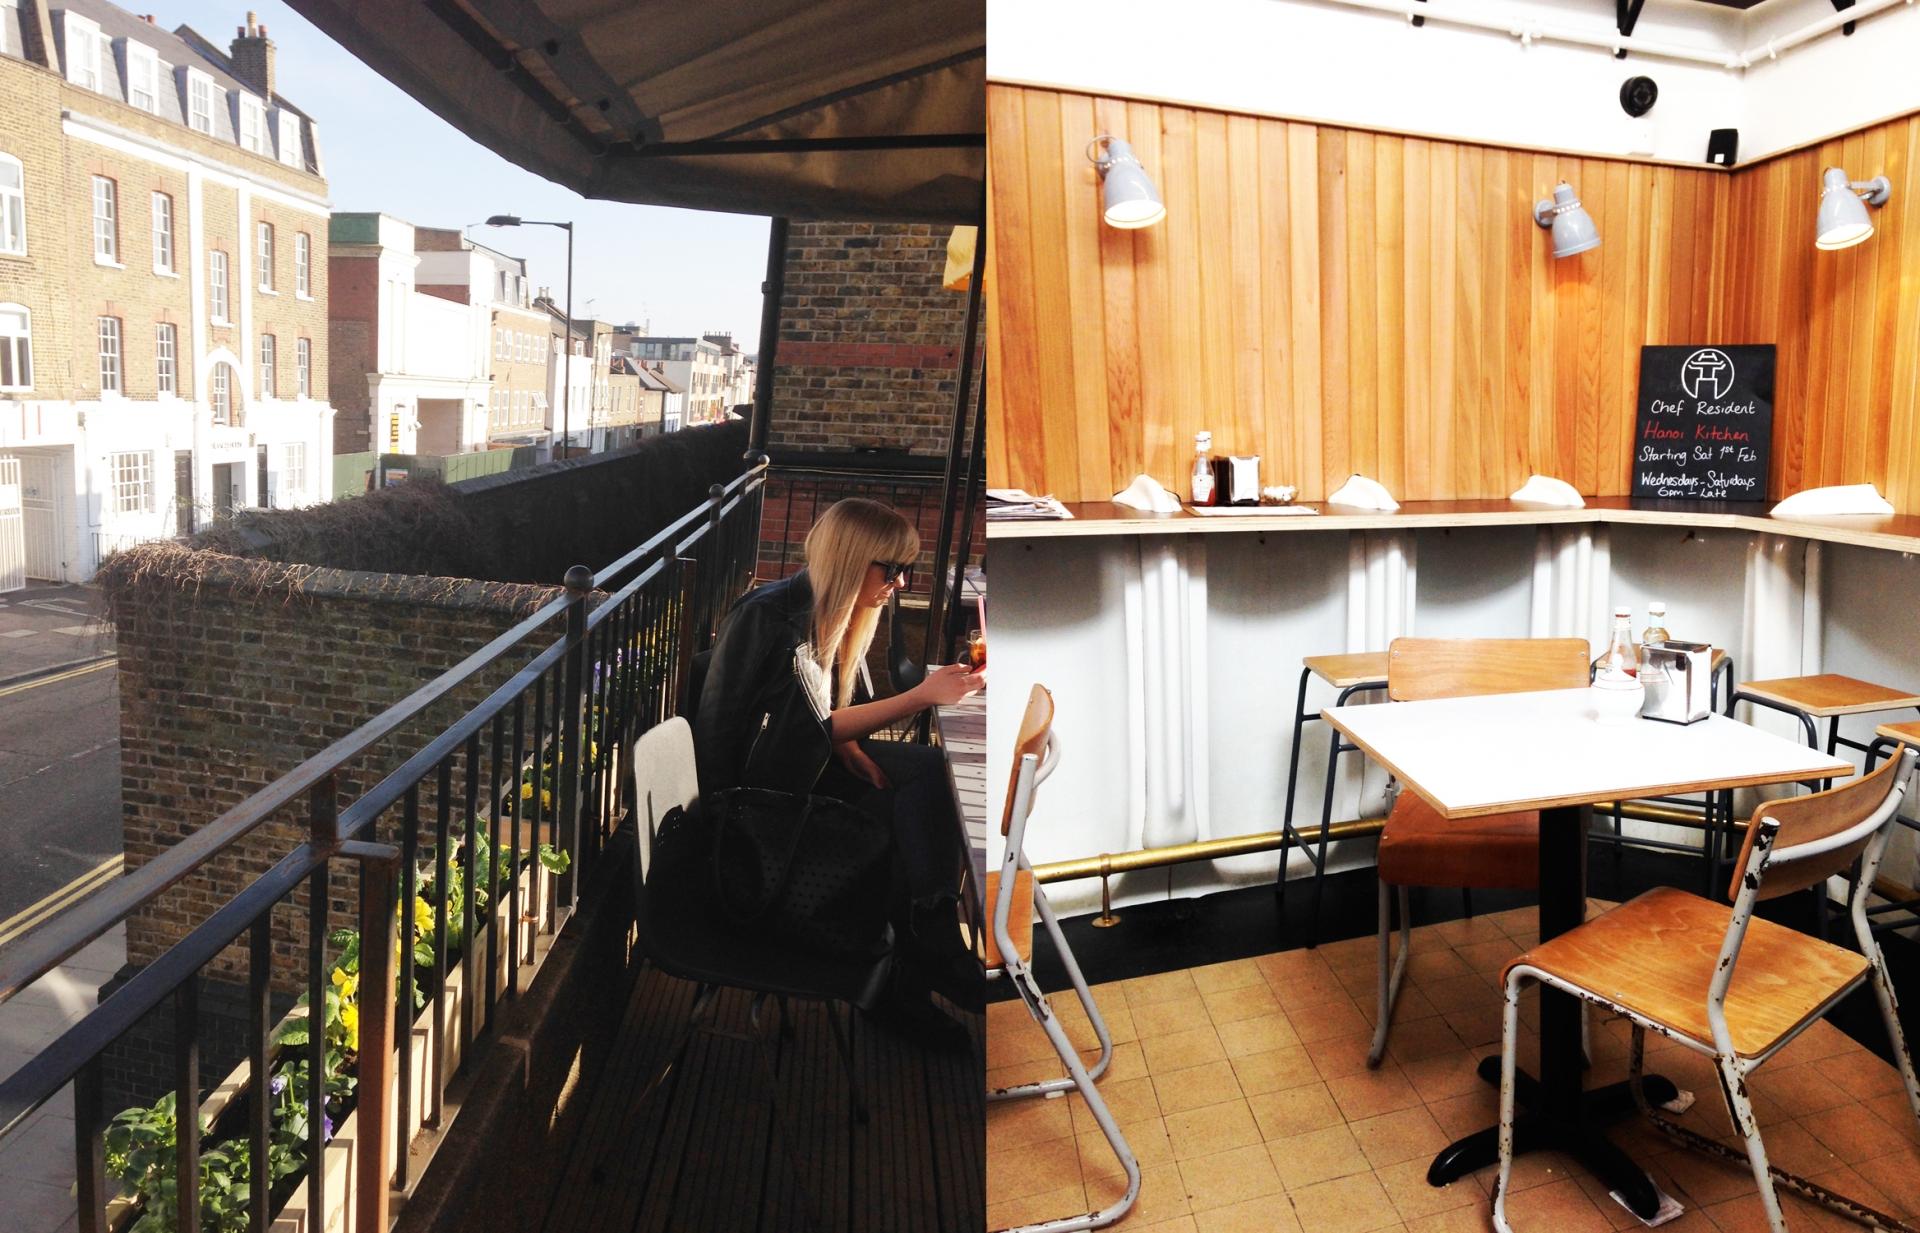 smartvolta-volta-smart-places-london1nt-1